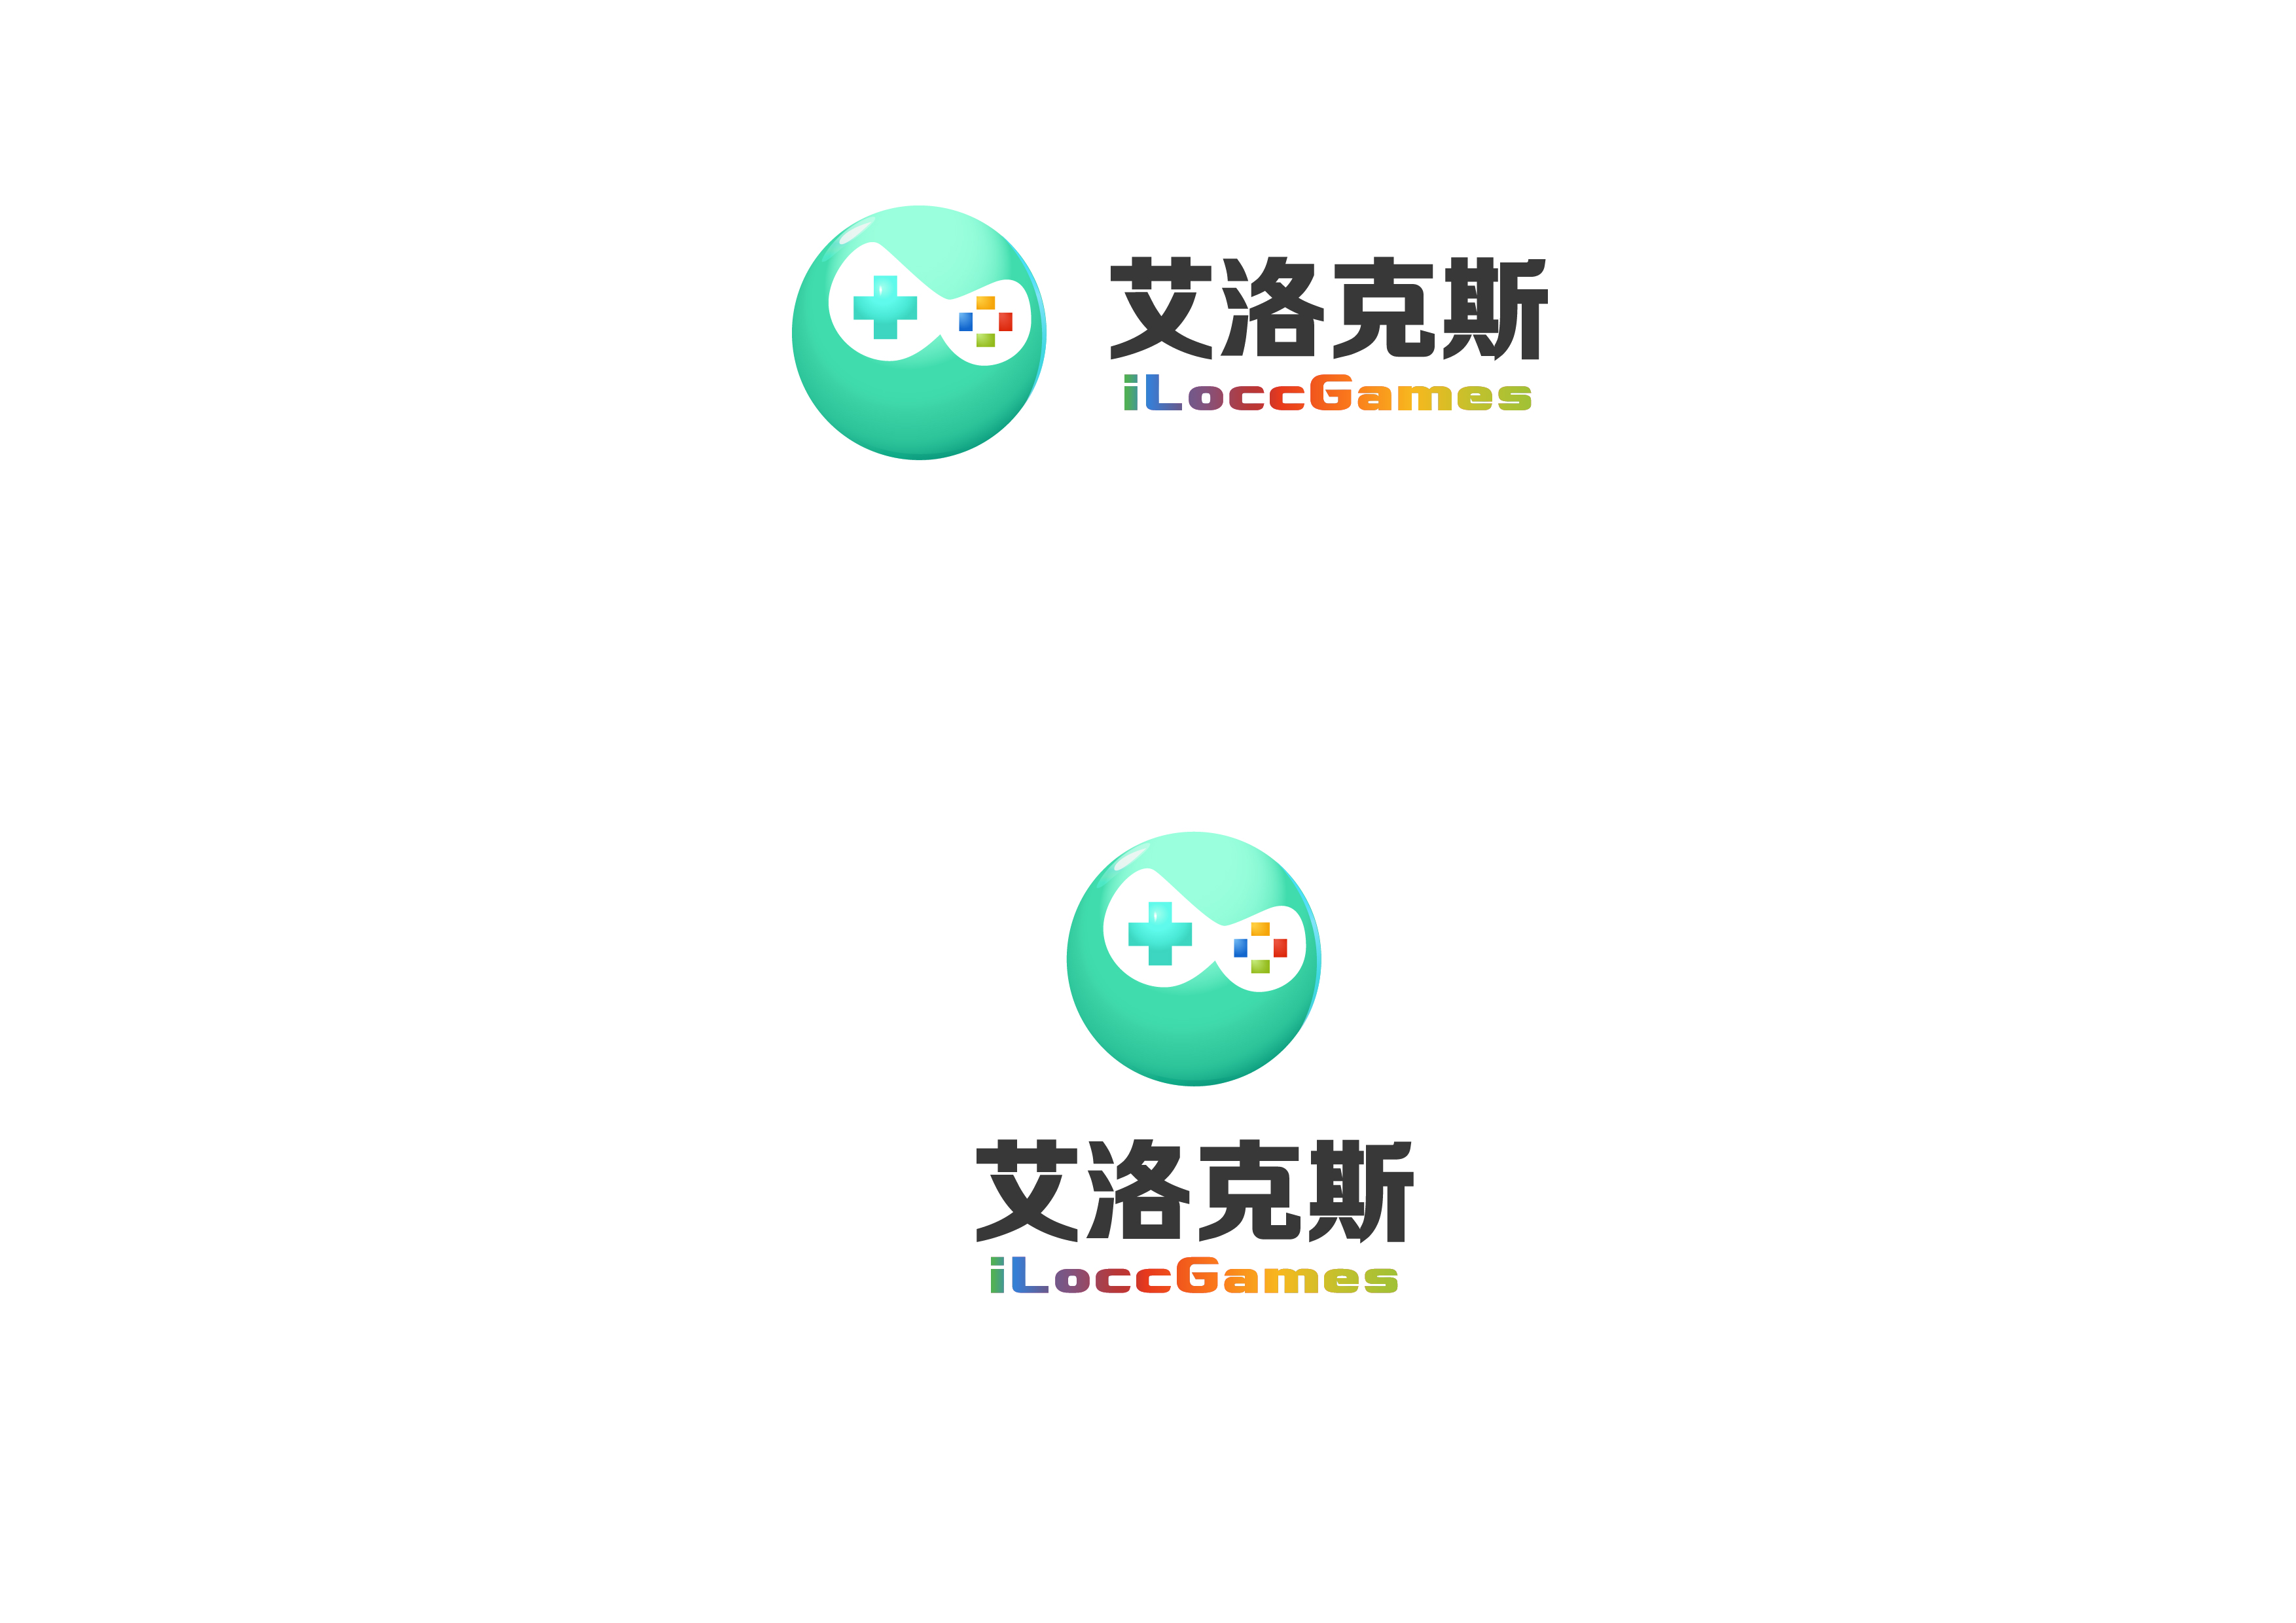 重庆艾洛克斯科技有限公司